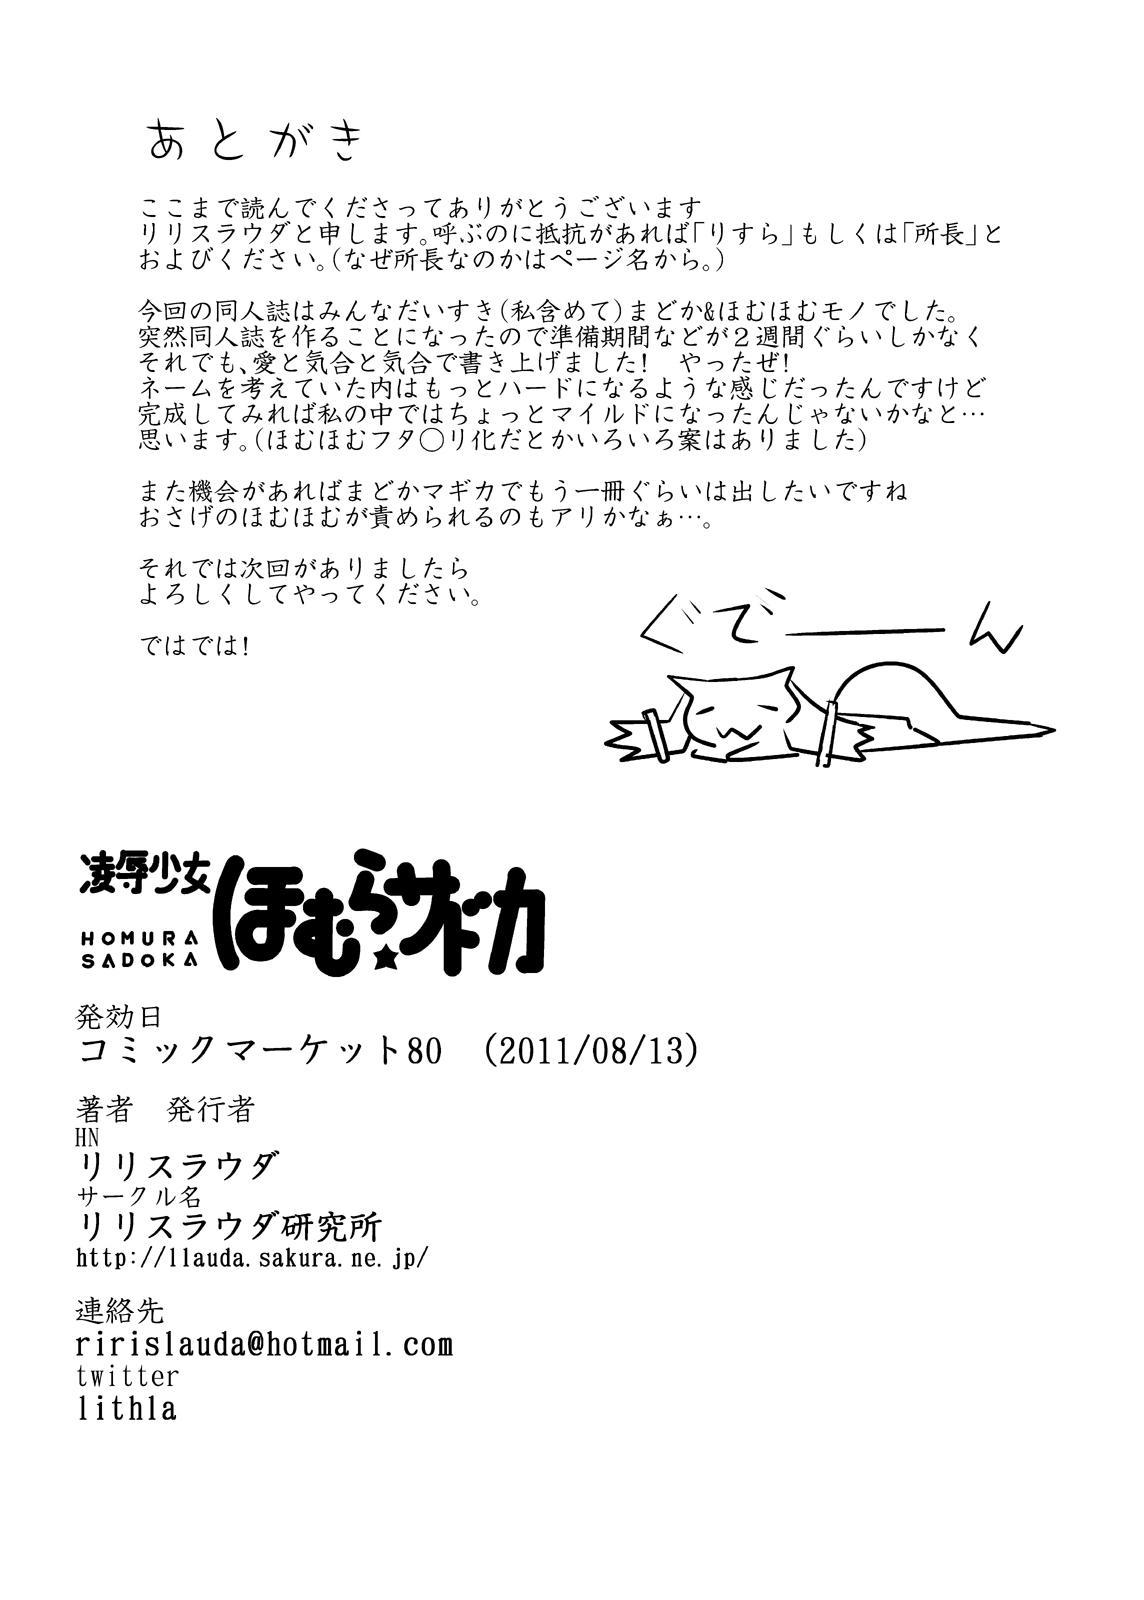 Ryoujoku shoujo Homura ☆ Sadoka 16